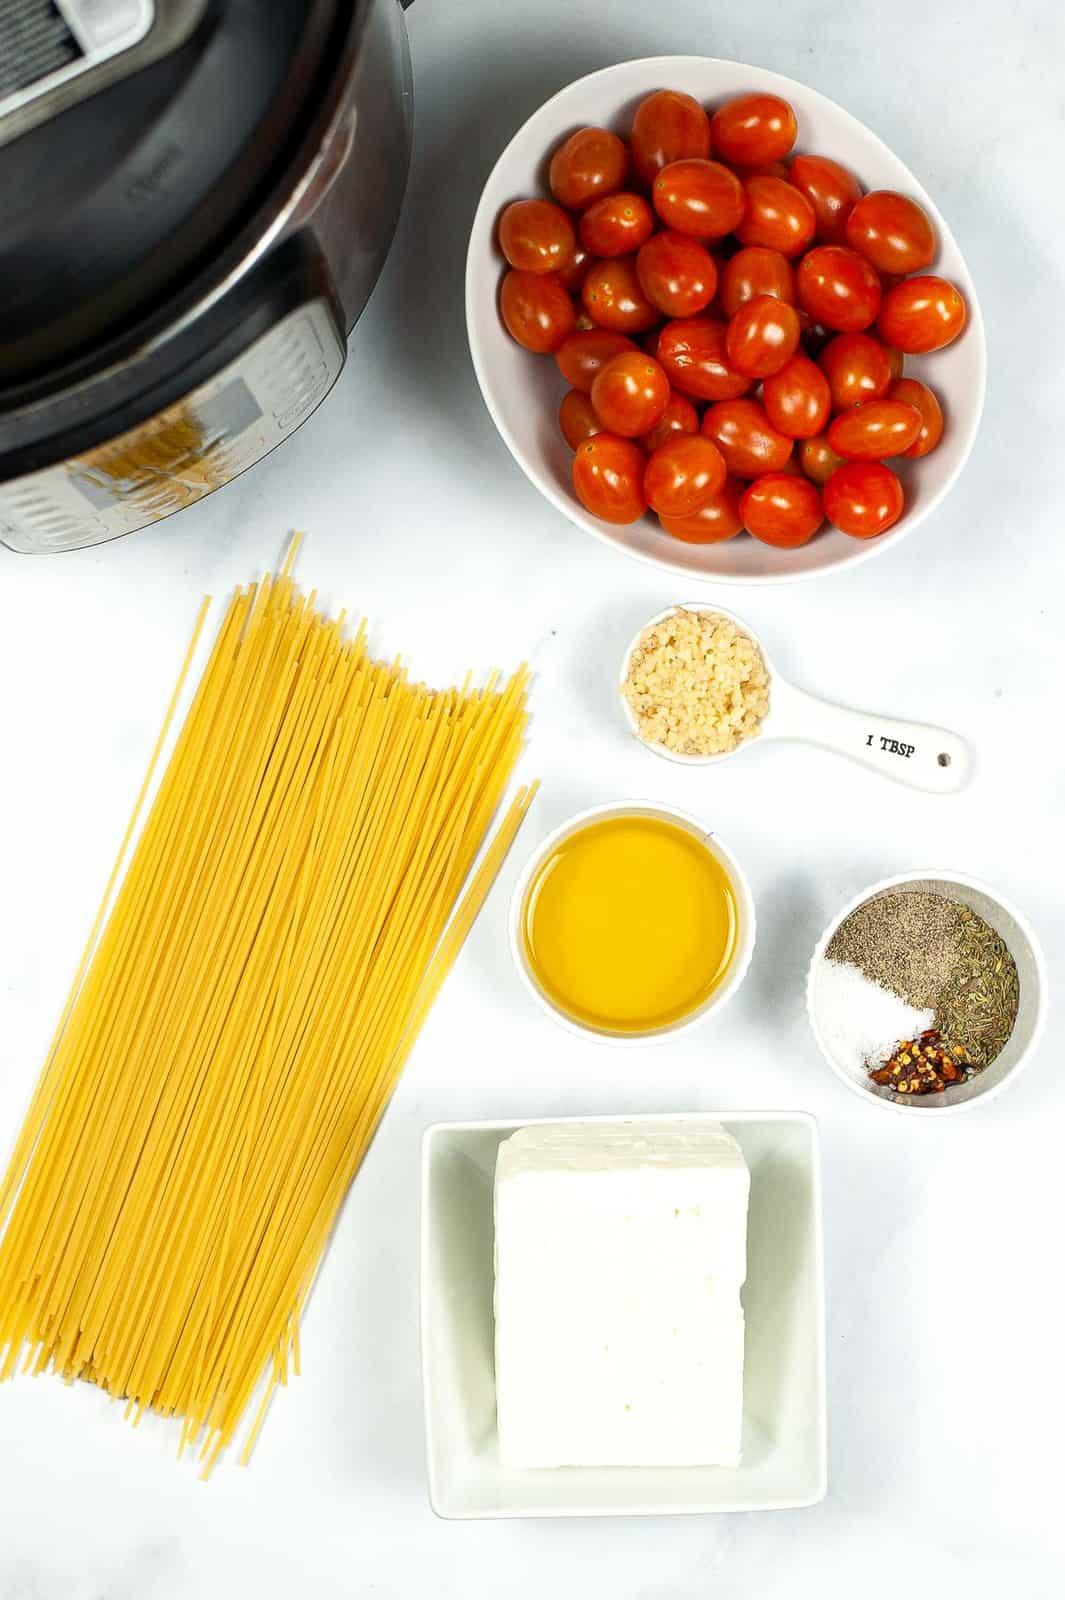 Ingredients to make vegan baked feta pasta.